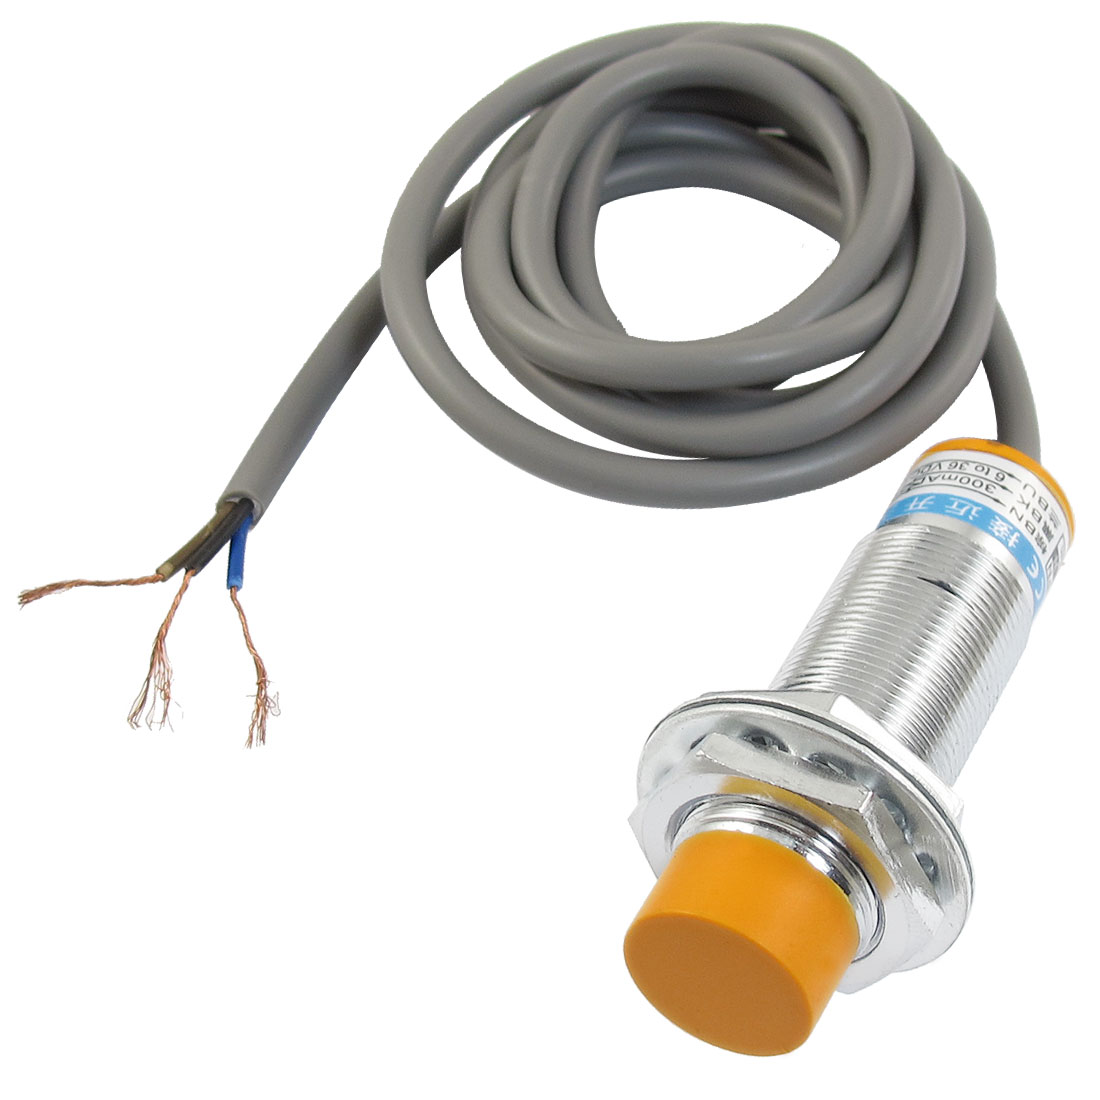 LJ18A3-8-Z/BX 8mm Approach Sensor Inductive Proximity NPN NO Switch DC 6-36V